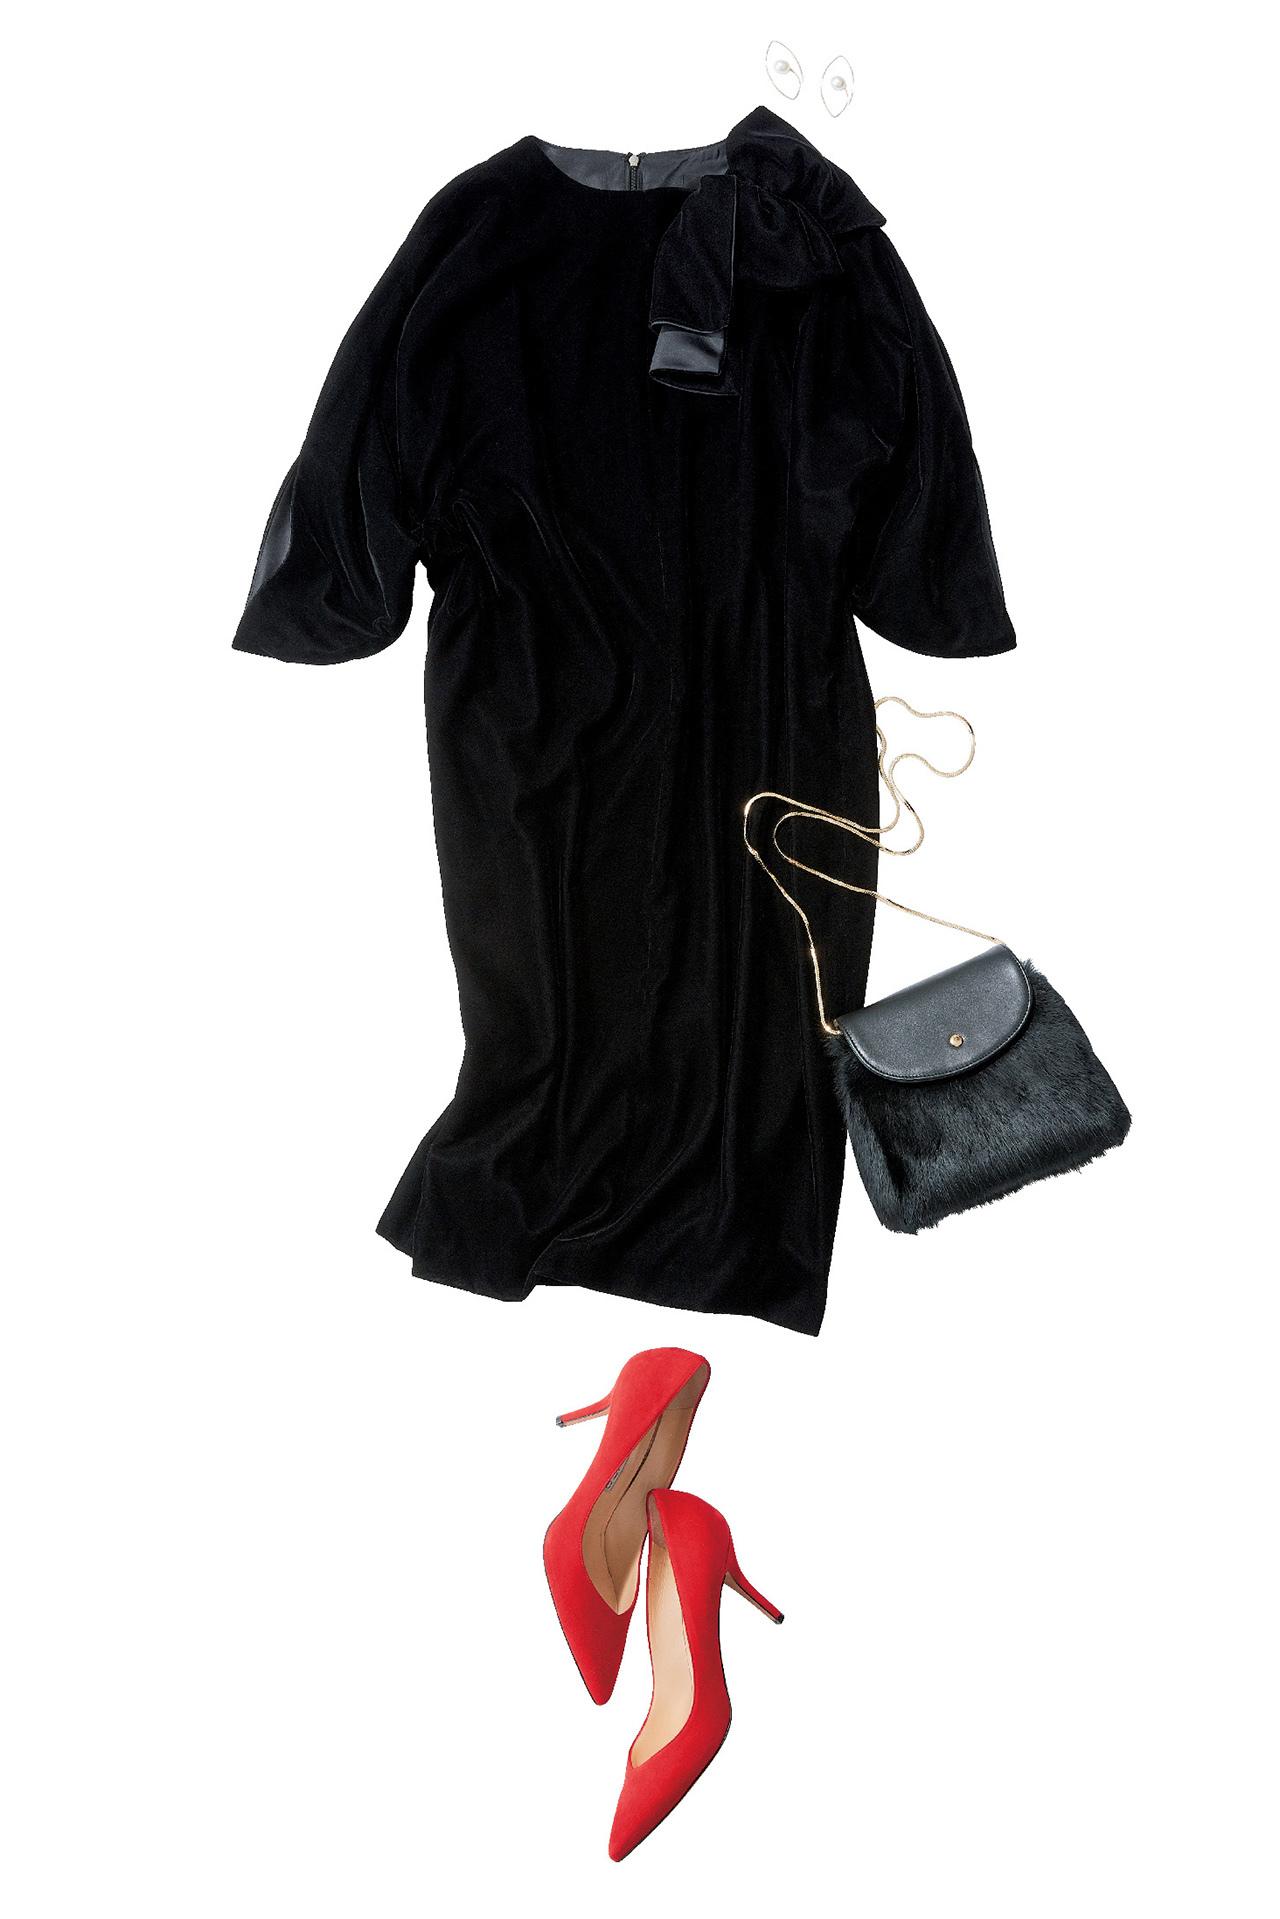 品のあるフェミニンワンピースで、好感度の高い同窓会ファッションに 五選_1_1-3